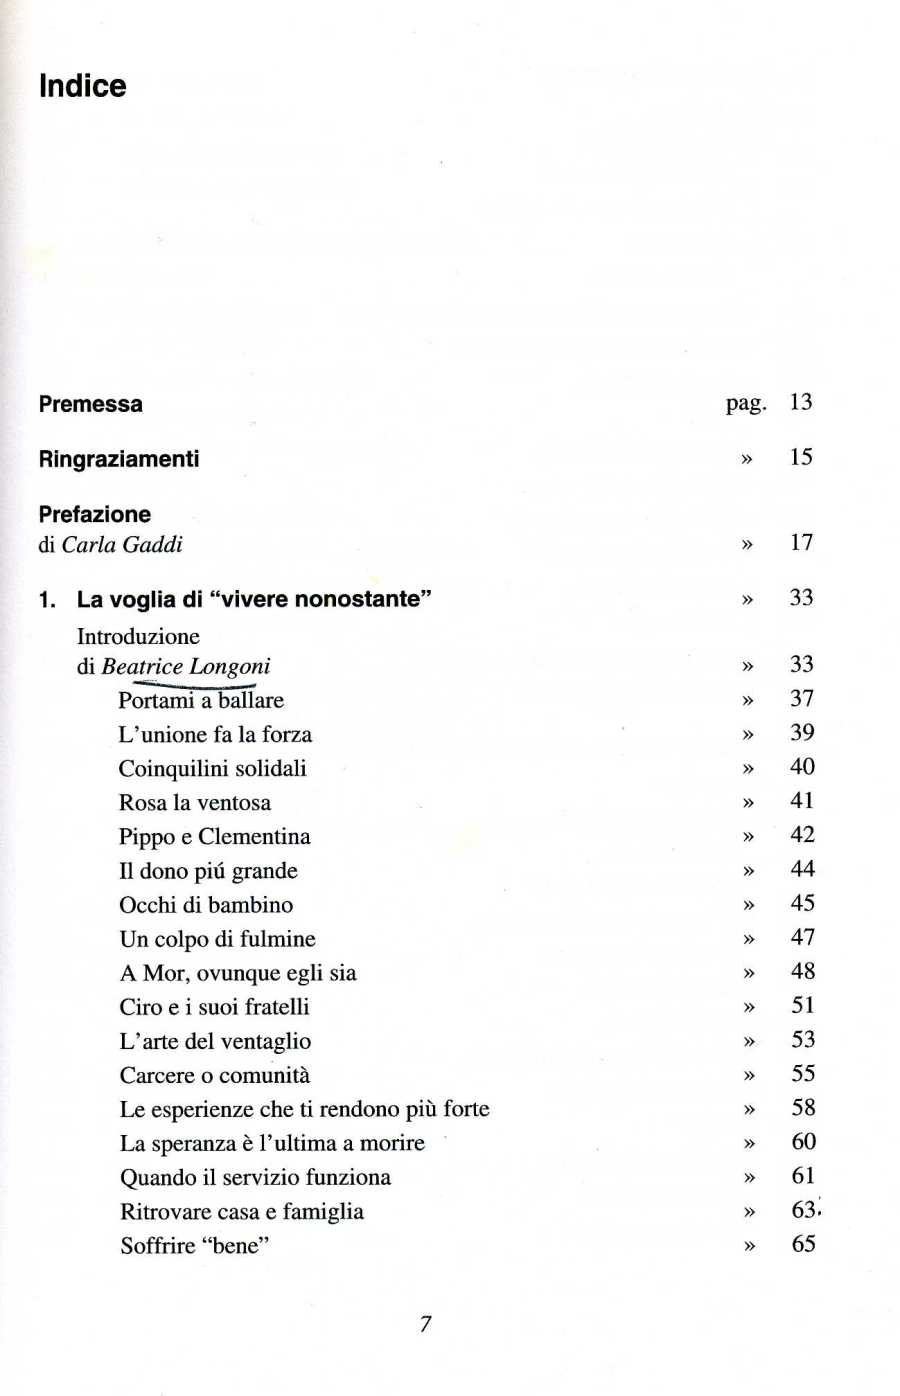 PIANTONI2584